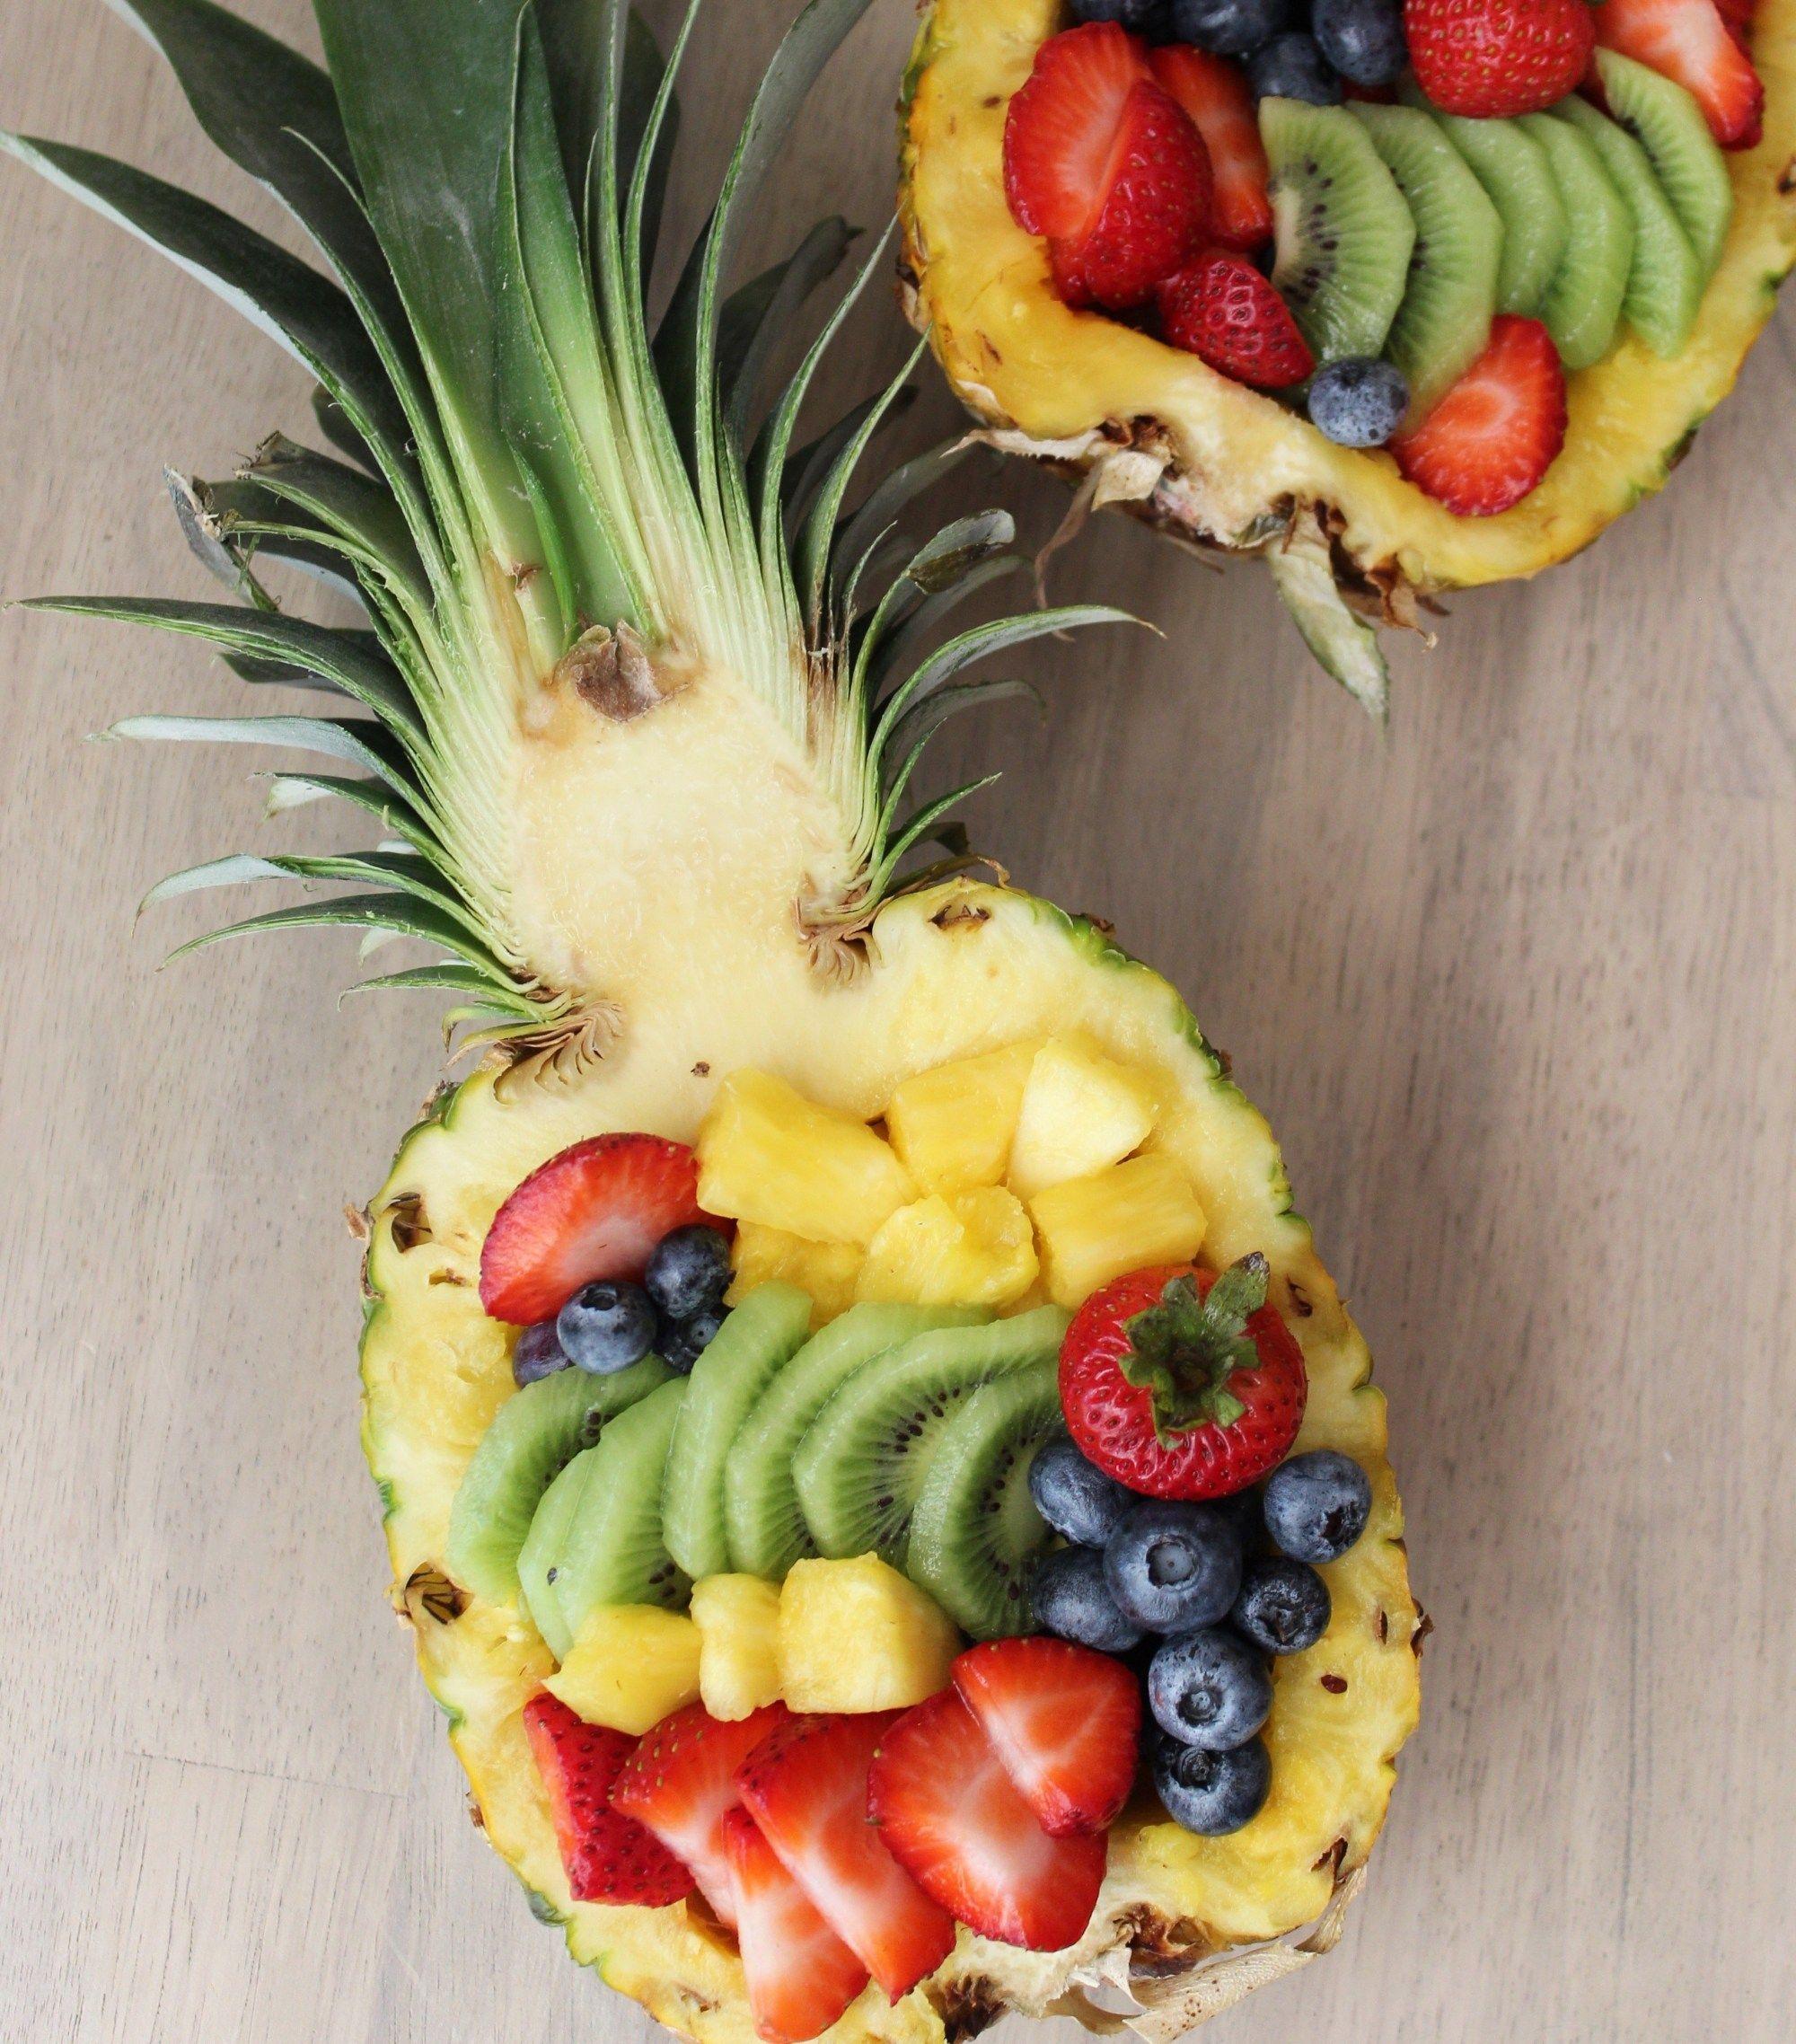 найдешь оформление ягодами ананаса фото удобства пользователей весь